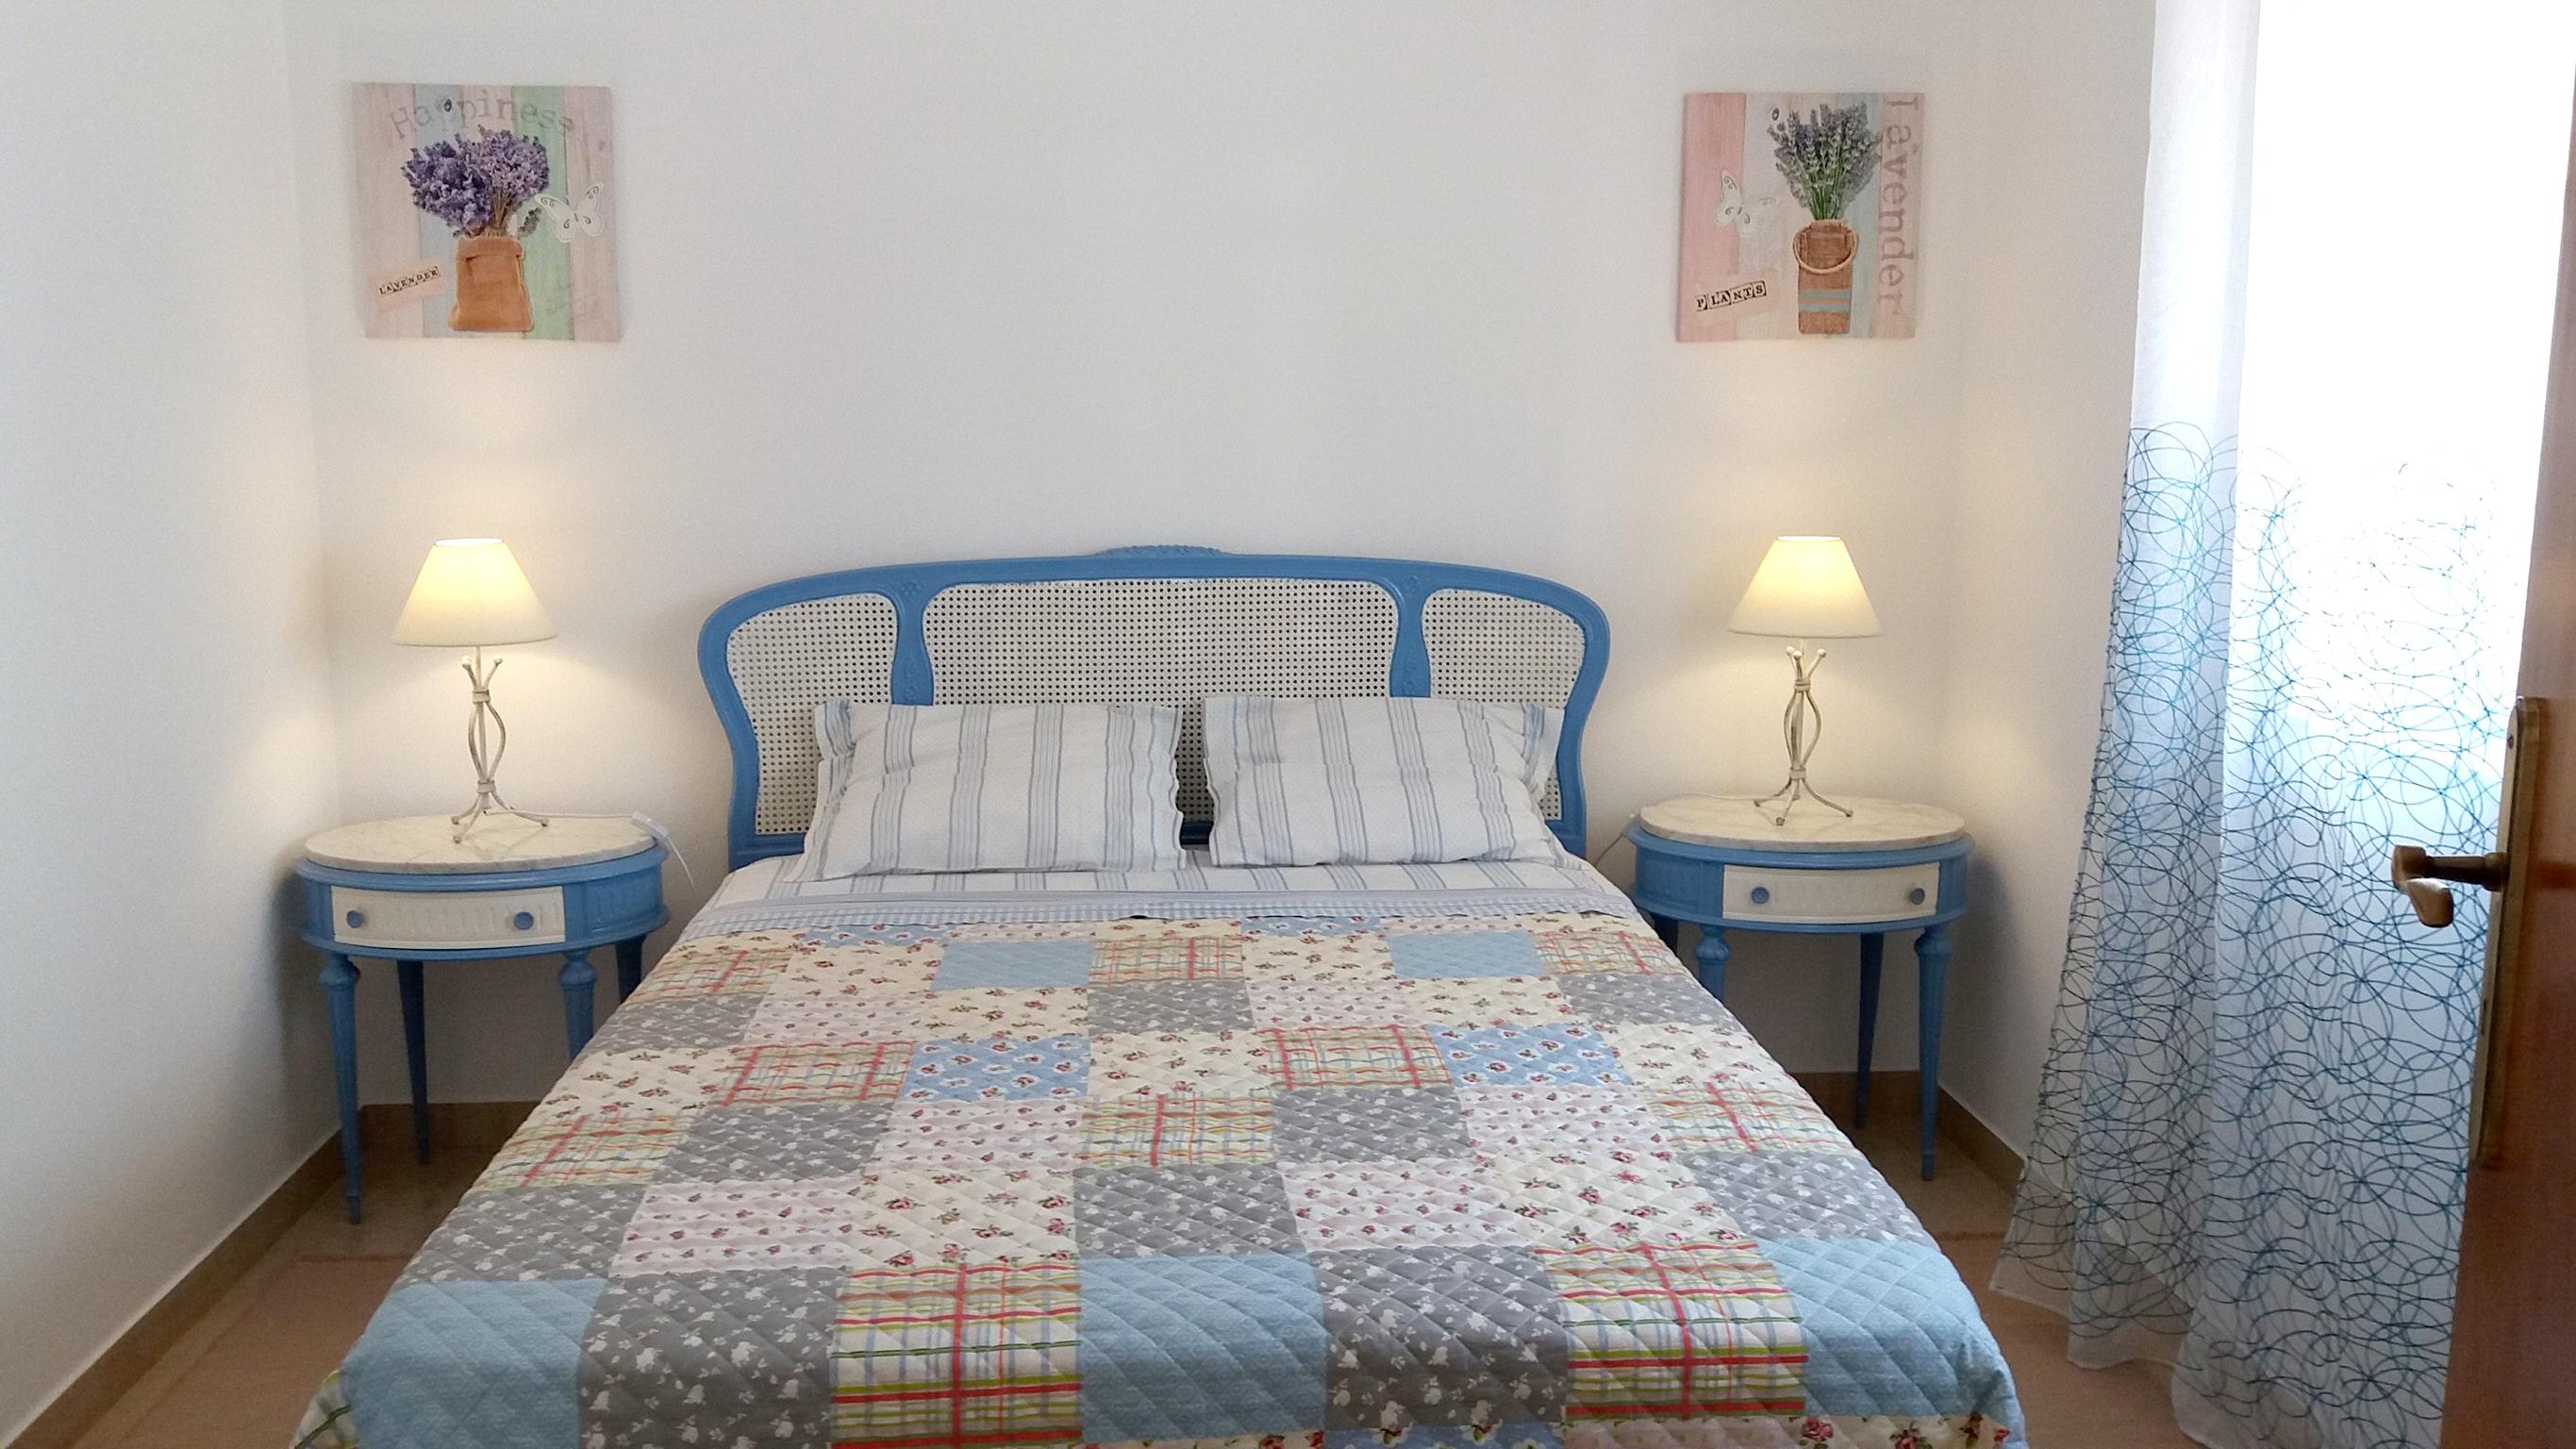 Ferienhaus Haus mit 3 Schlafzimmern in Luz (Luz de Tavira) mit eingezäuntem Garten - 2 km vom Strand  (2426449), Luz, Ria Formosa, Algarve, Portugal, Bild 7